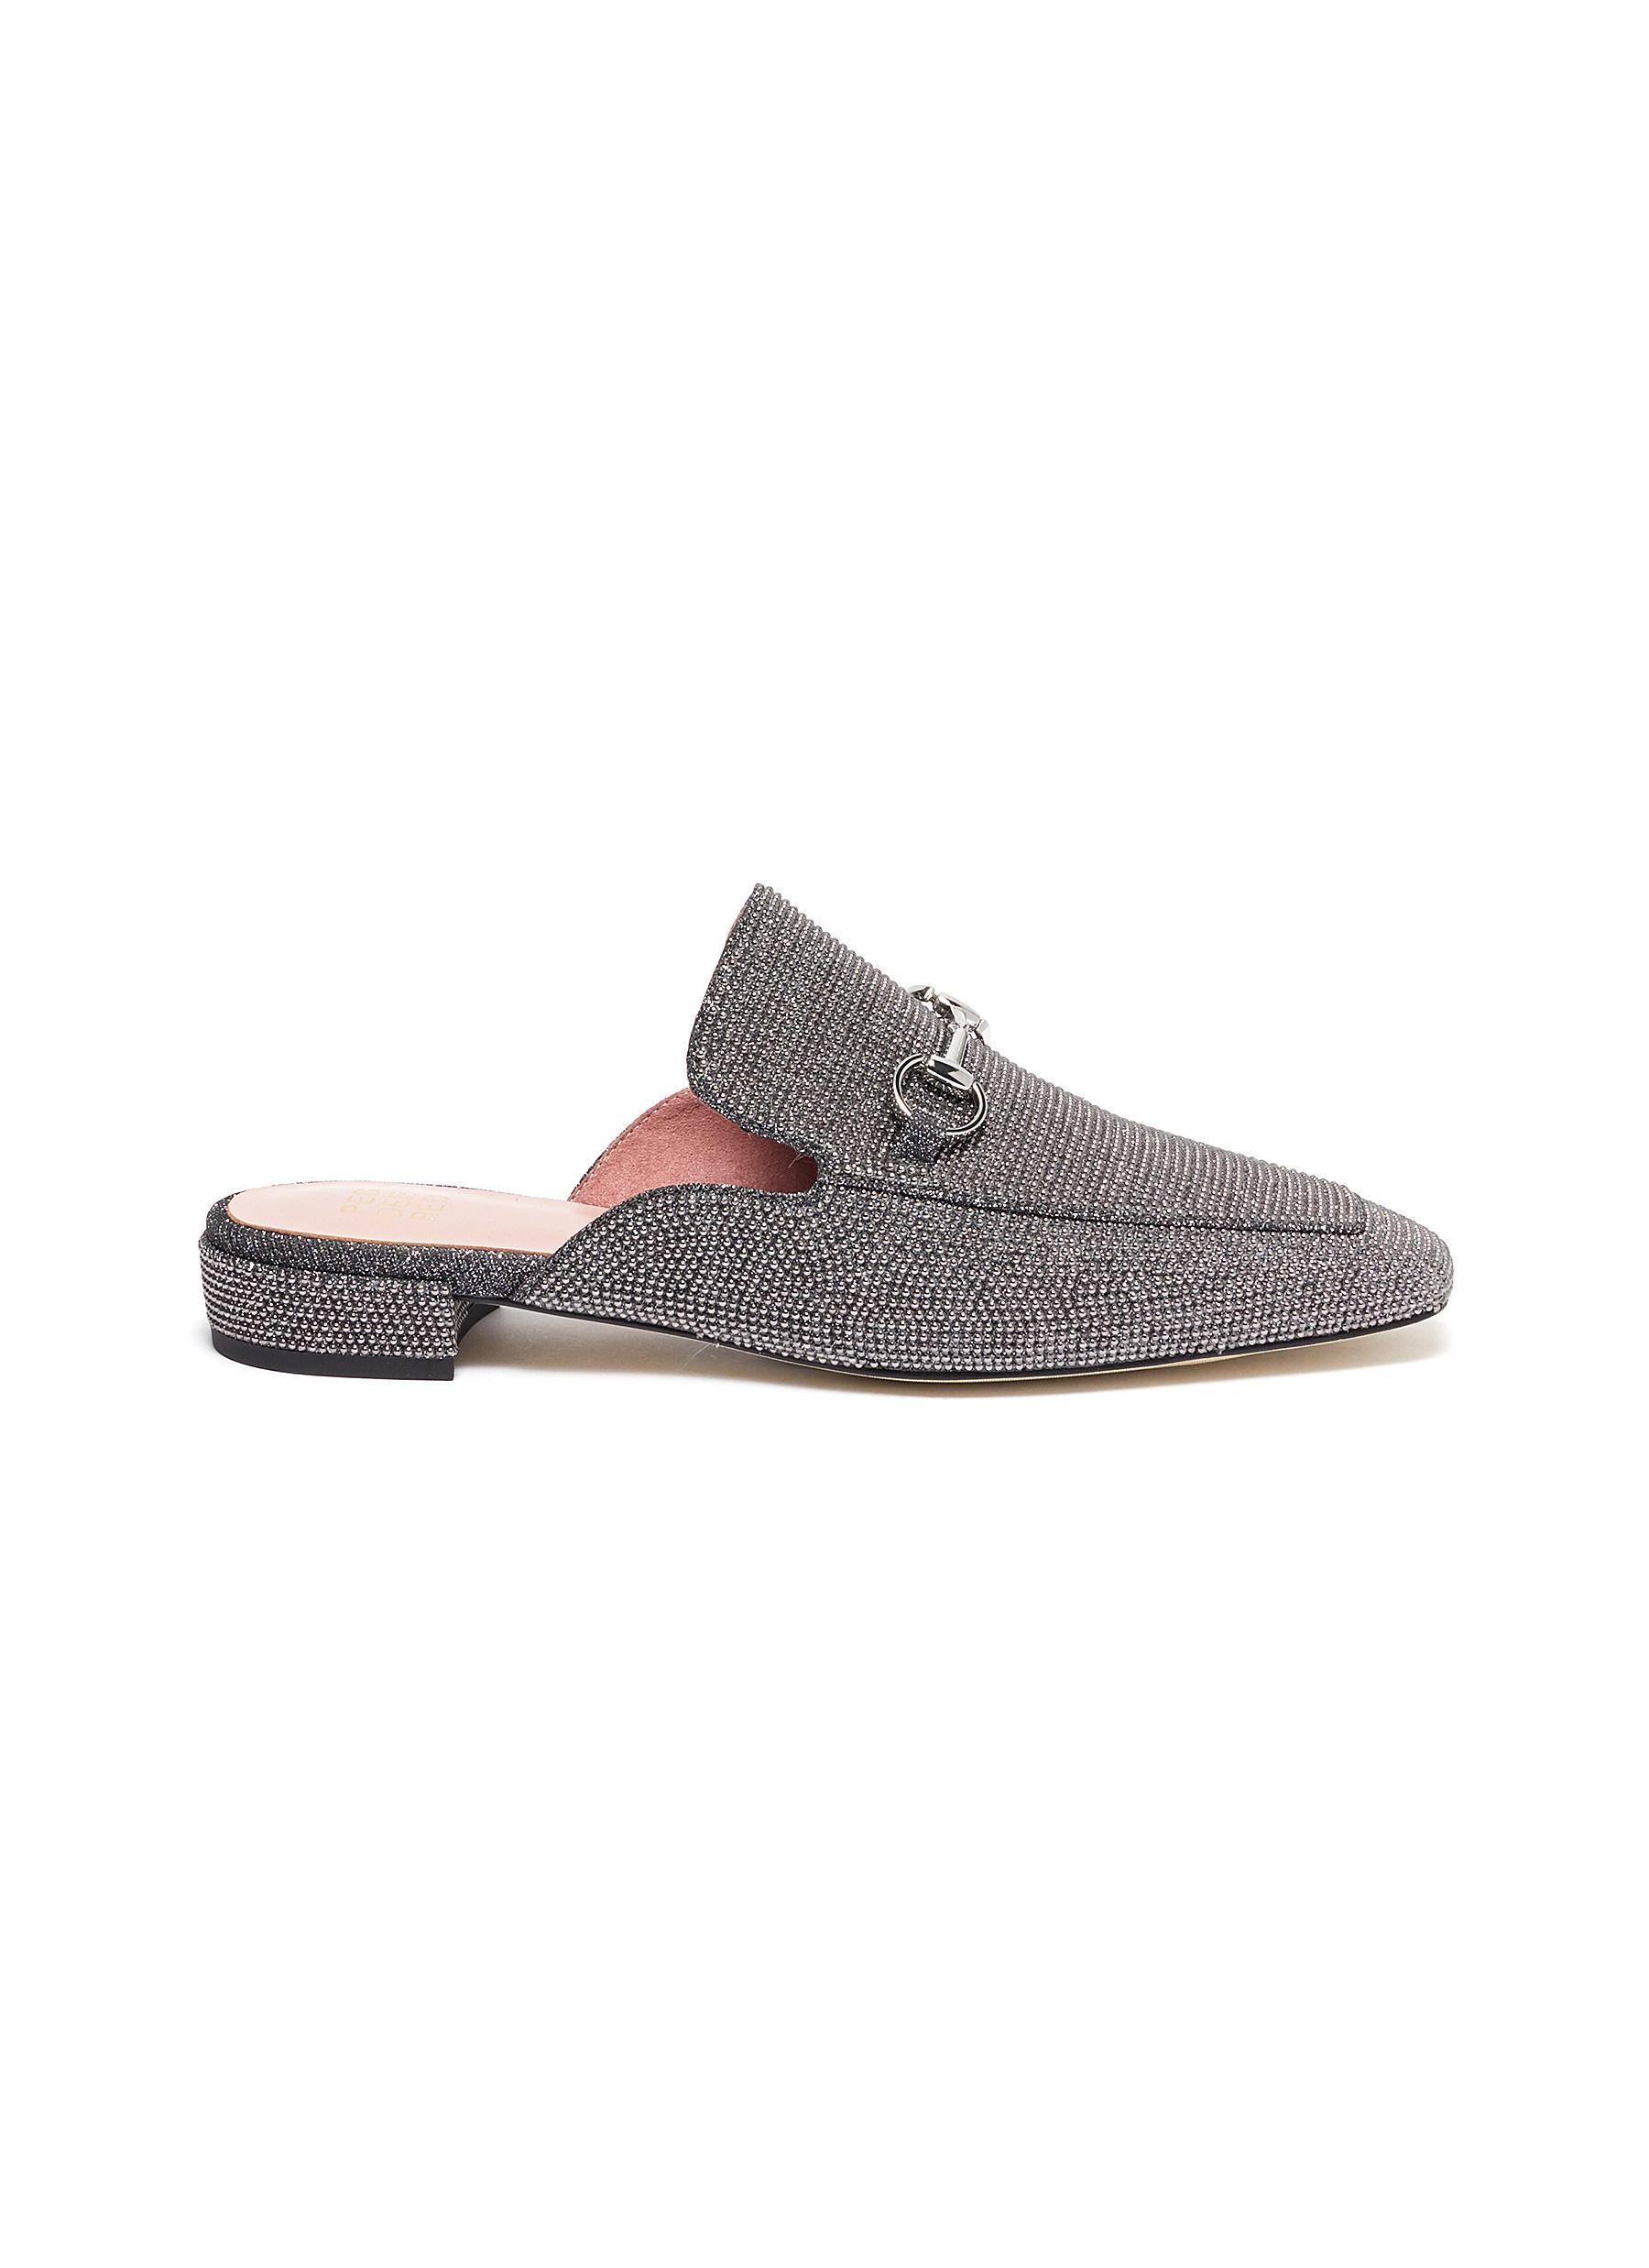 Zander horsebit strass embellished loafer slides by Pedder Red